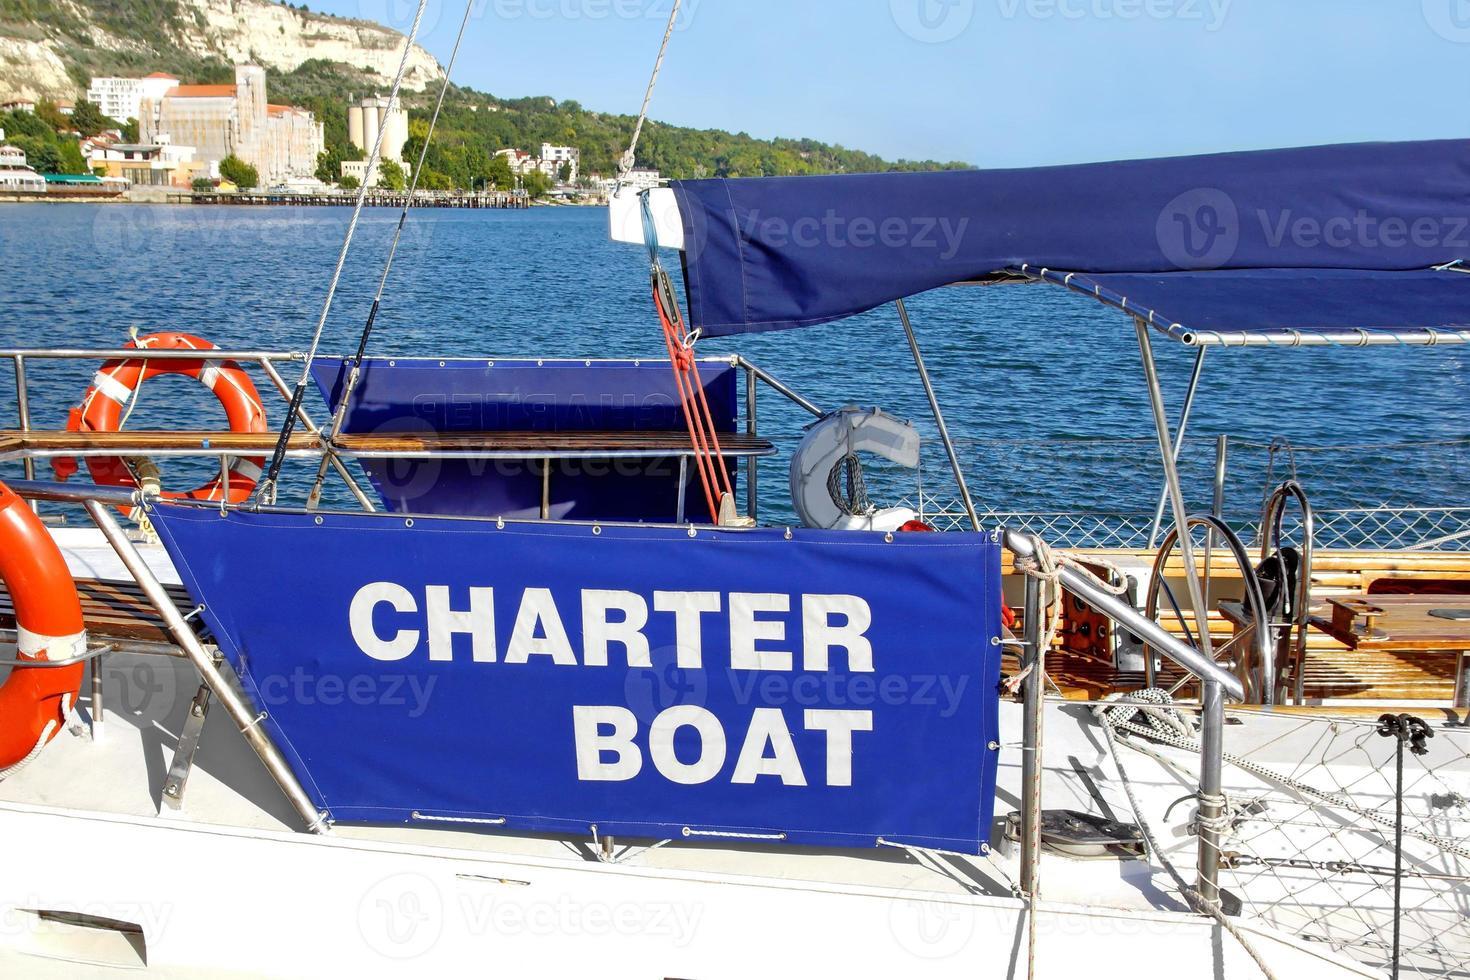 location de bateau charter au quai de la mer photo